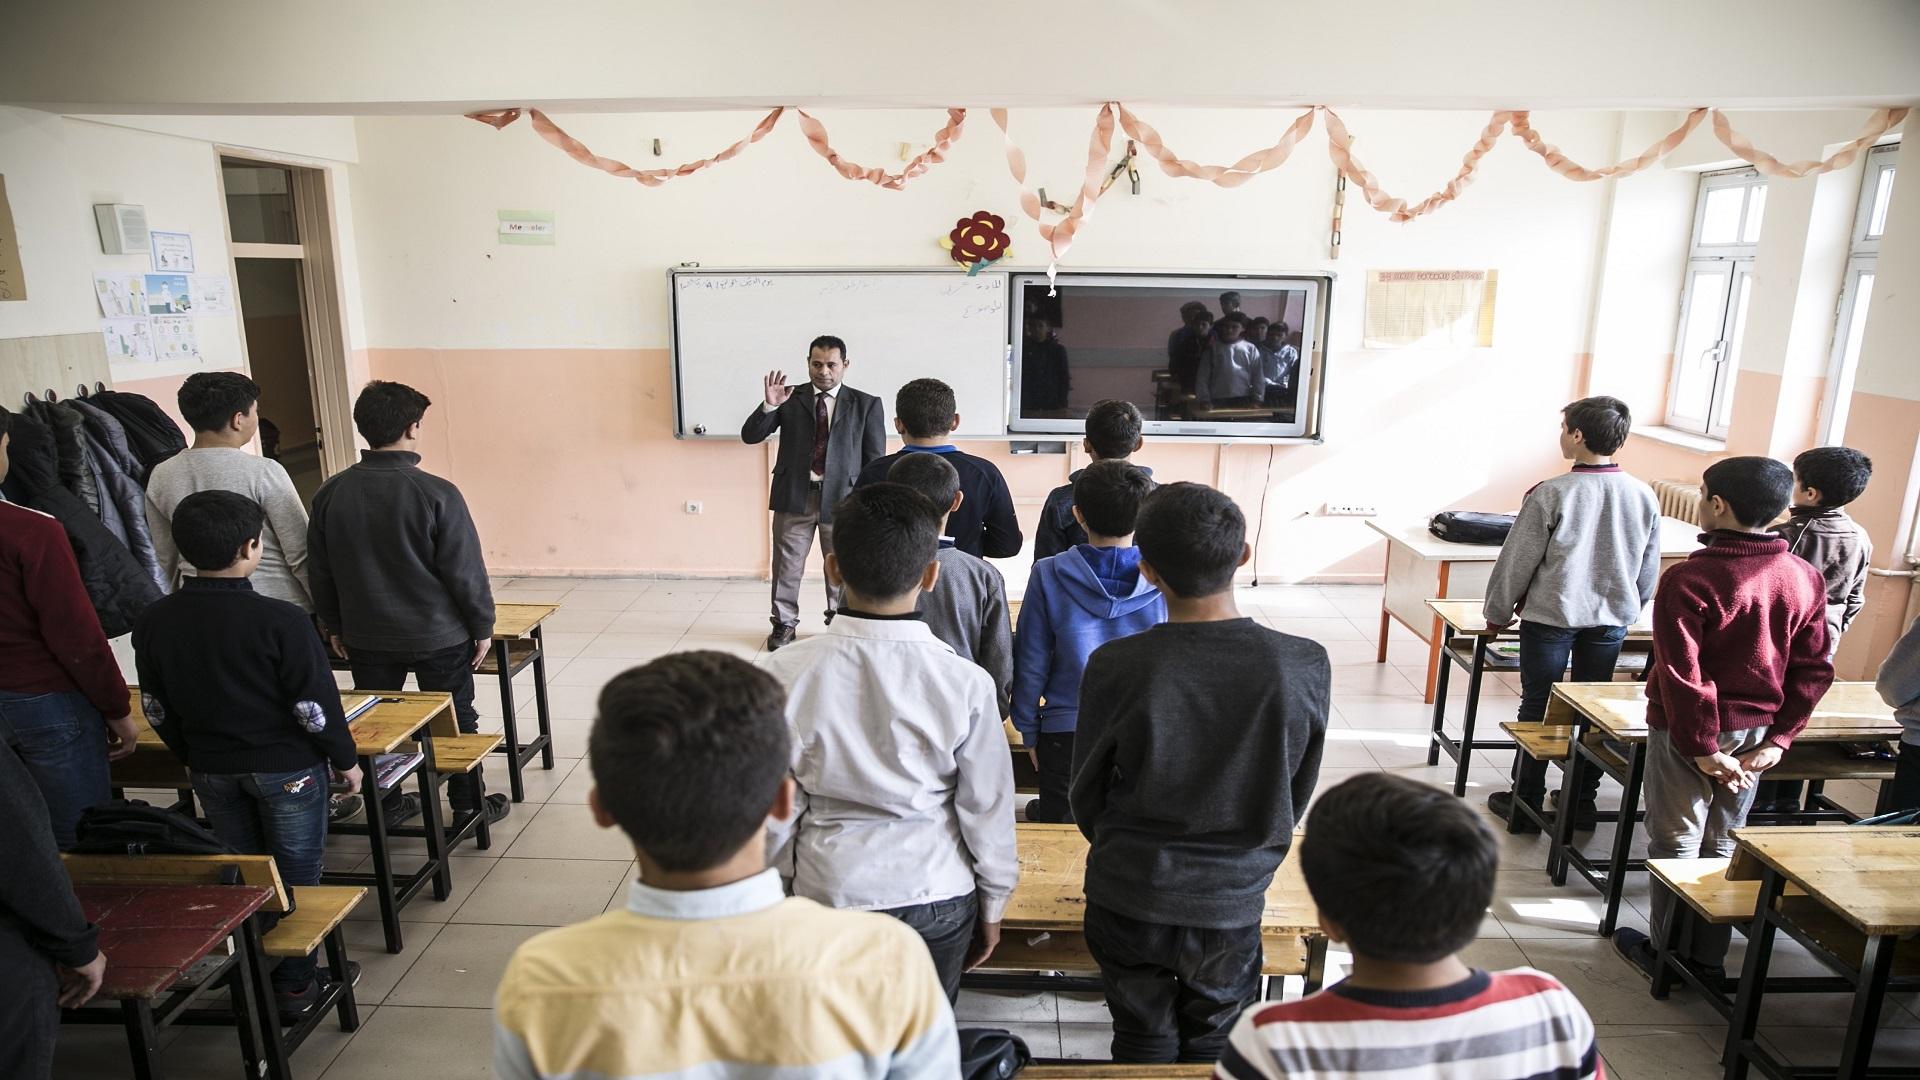 فصل معلمين سوريين من المدارس التركية - حرية برس Horrya press